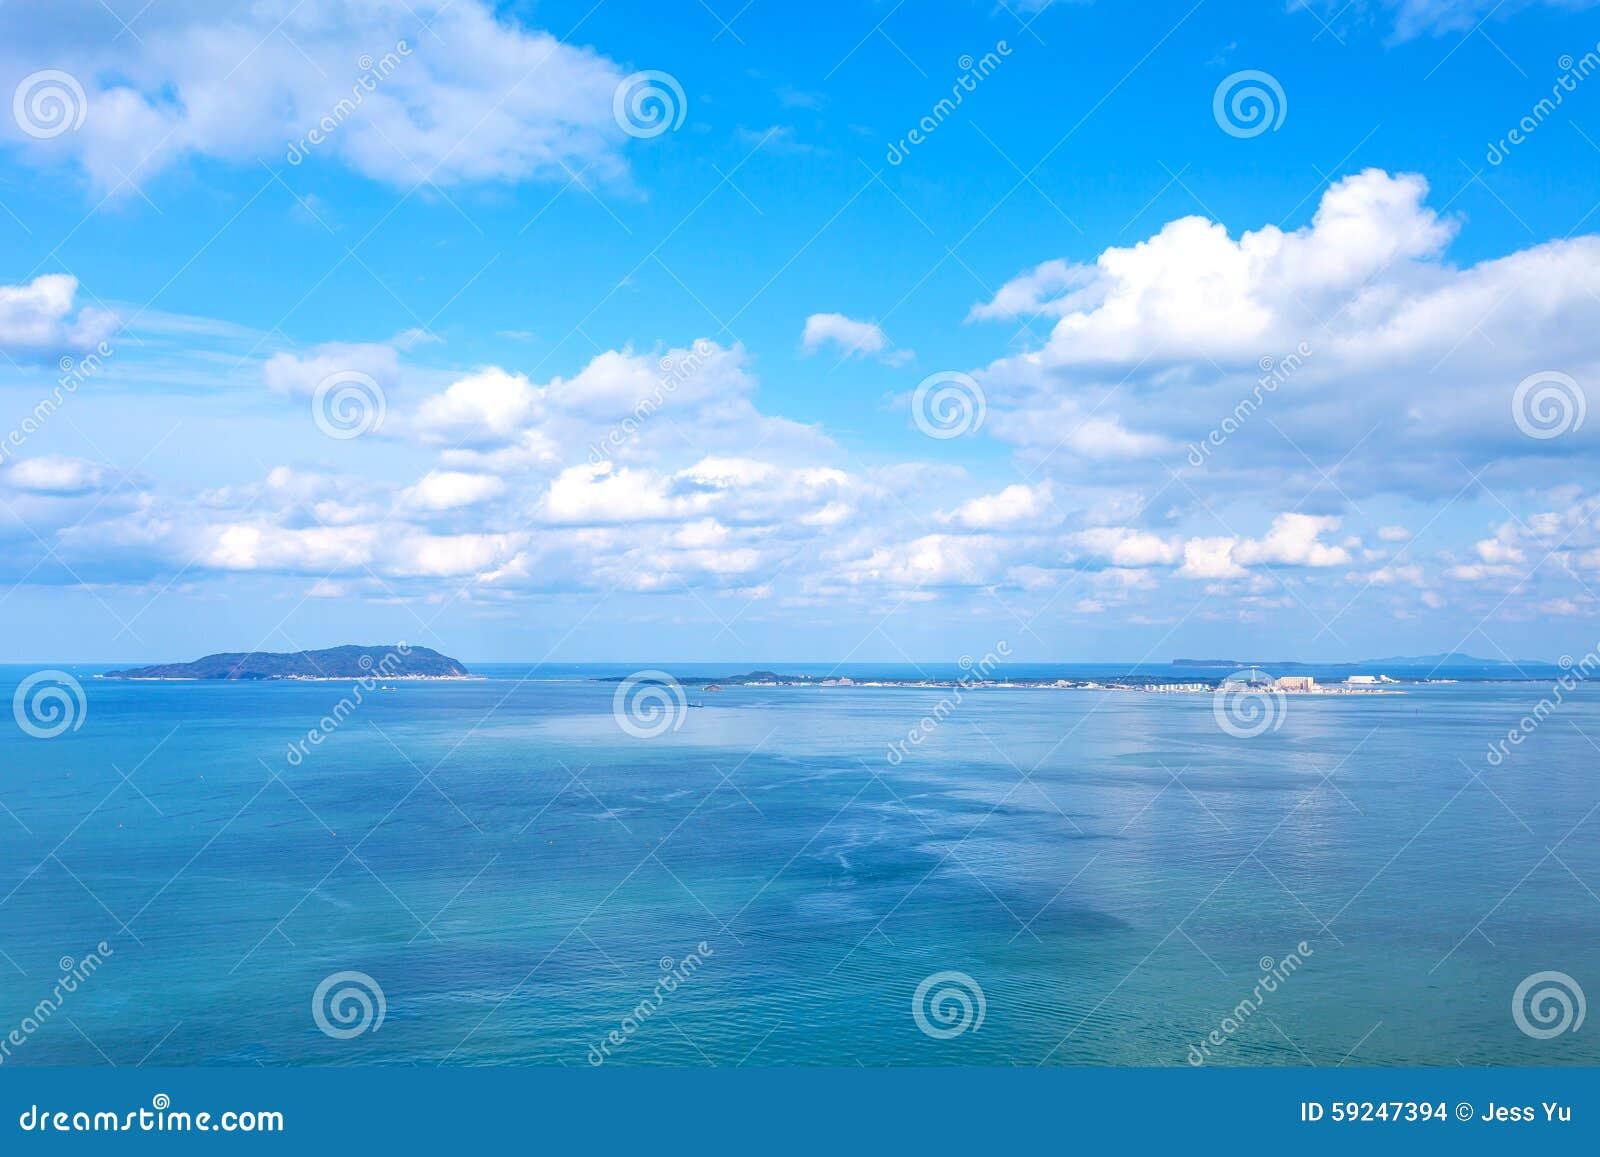 Paisaje marino de la bahía de Hakata en Japón